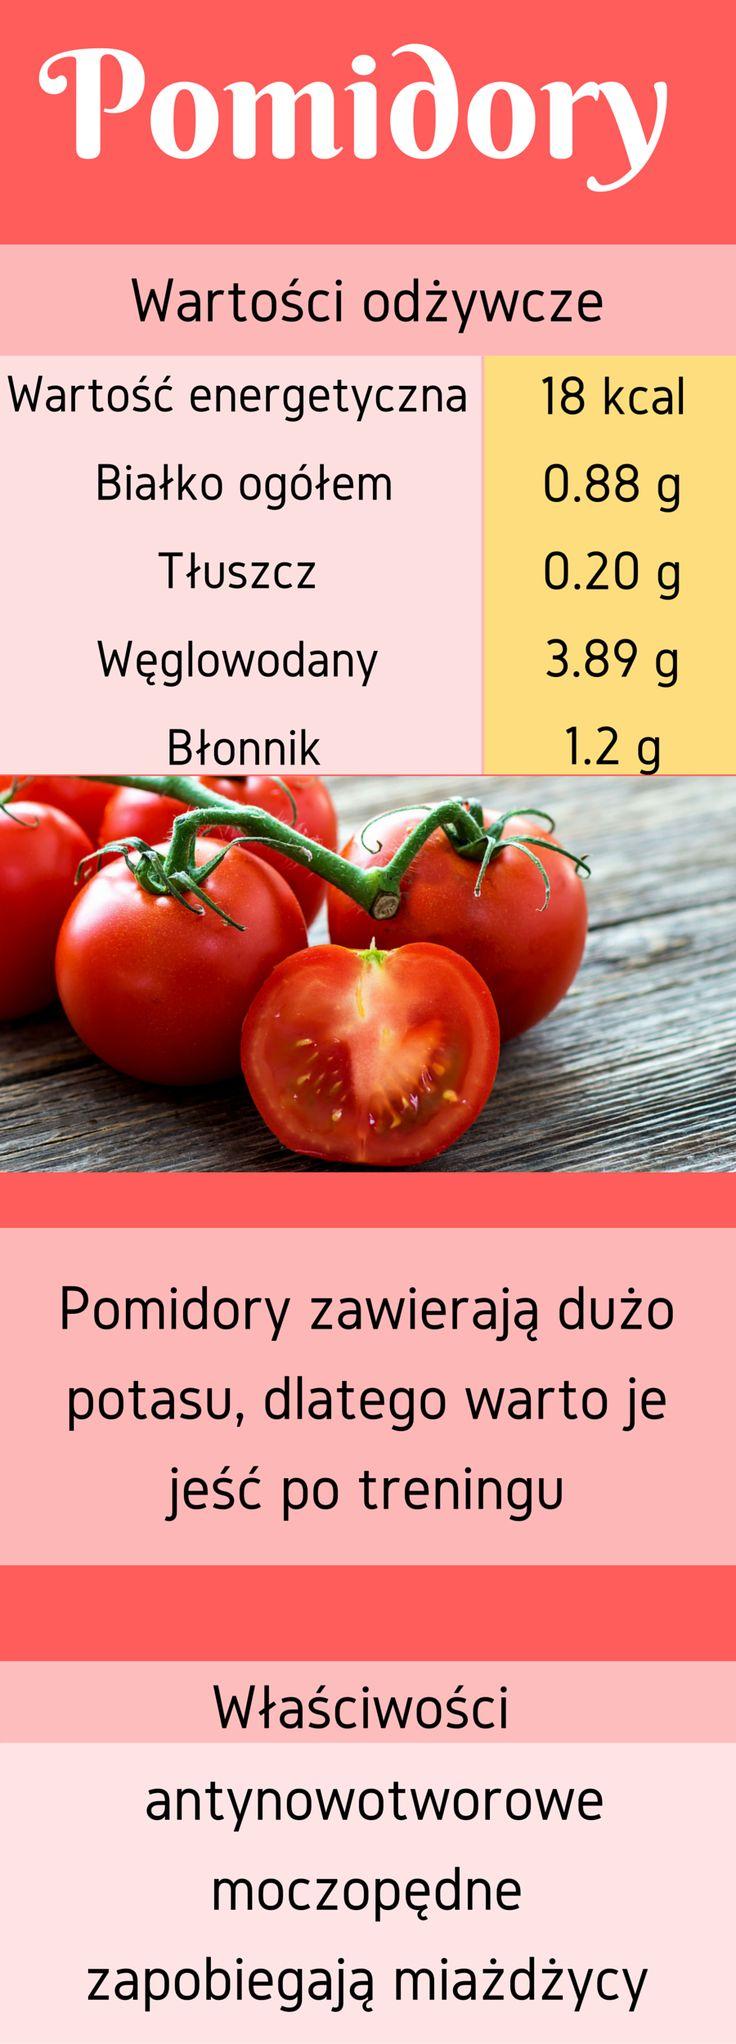 Teraz, gdy na rynku niedługo pojawią się świeże pomidory. Sprawdź, dlaczego warto je jeść.